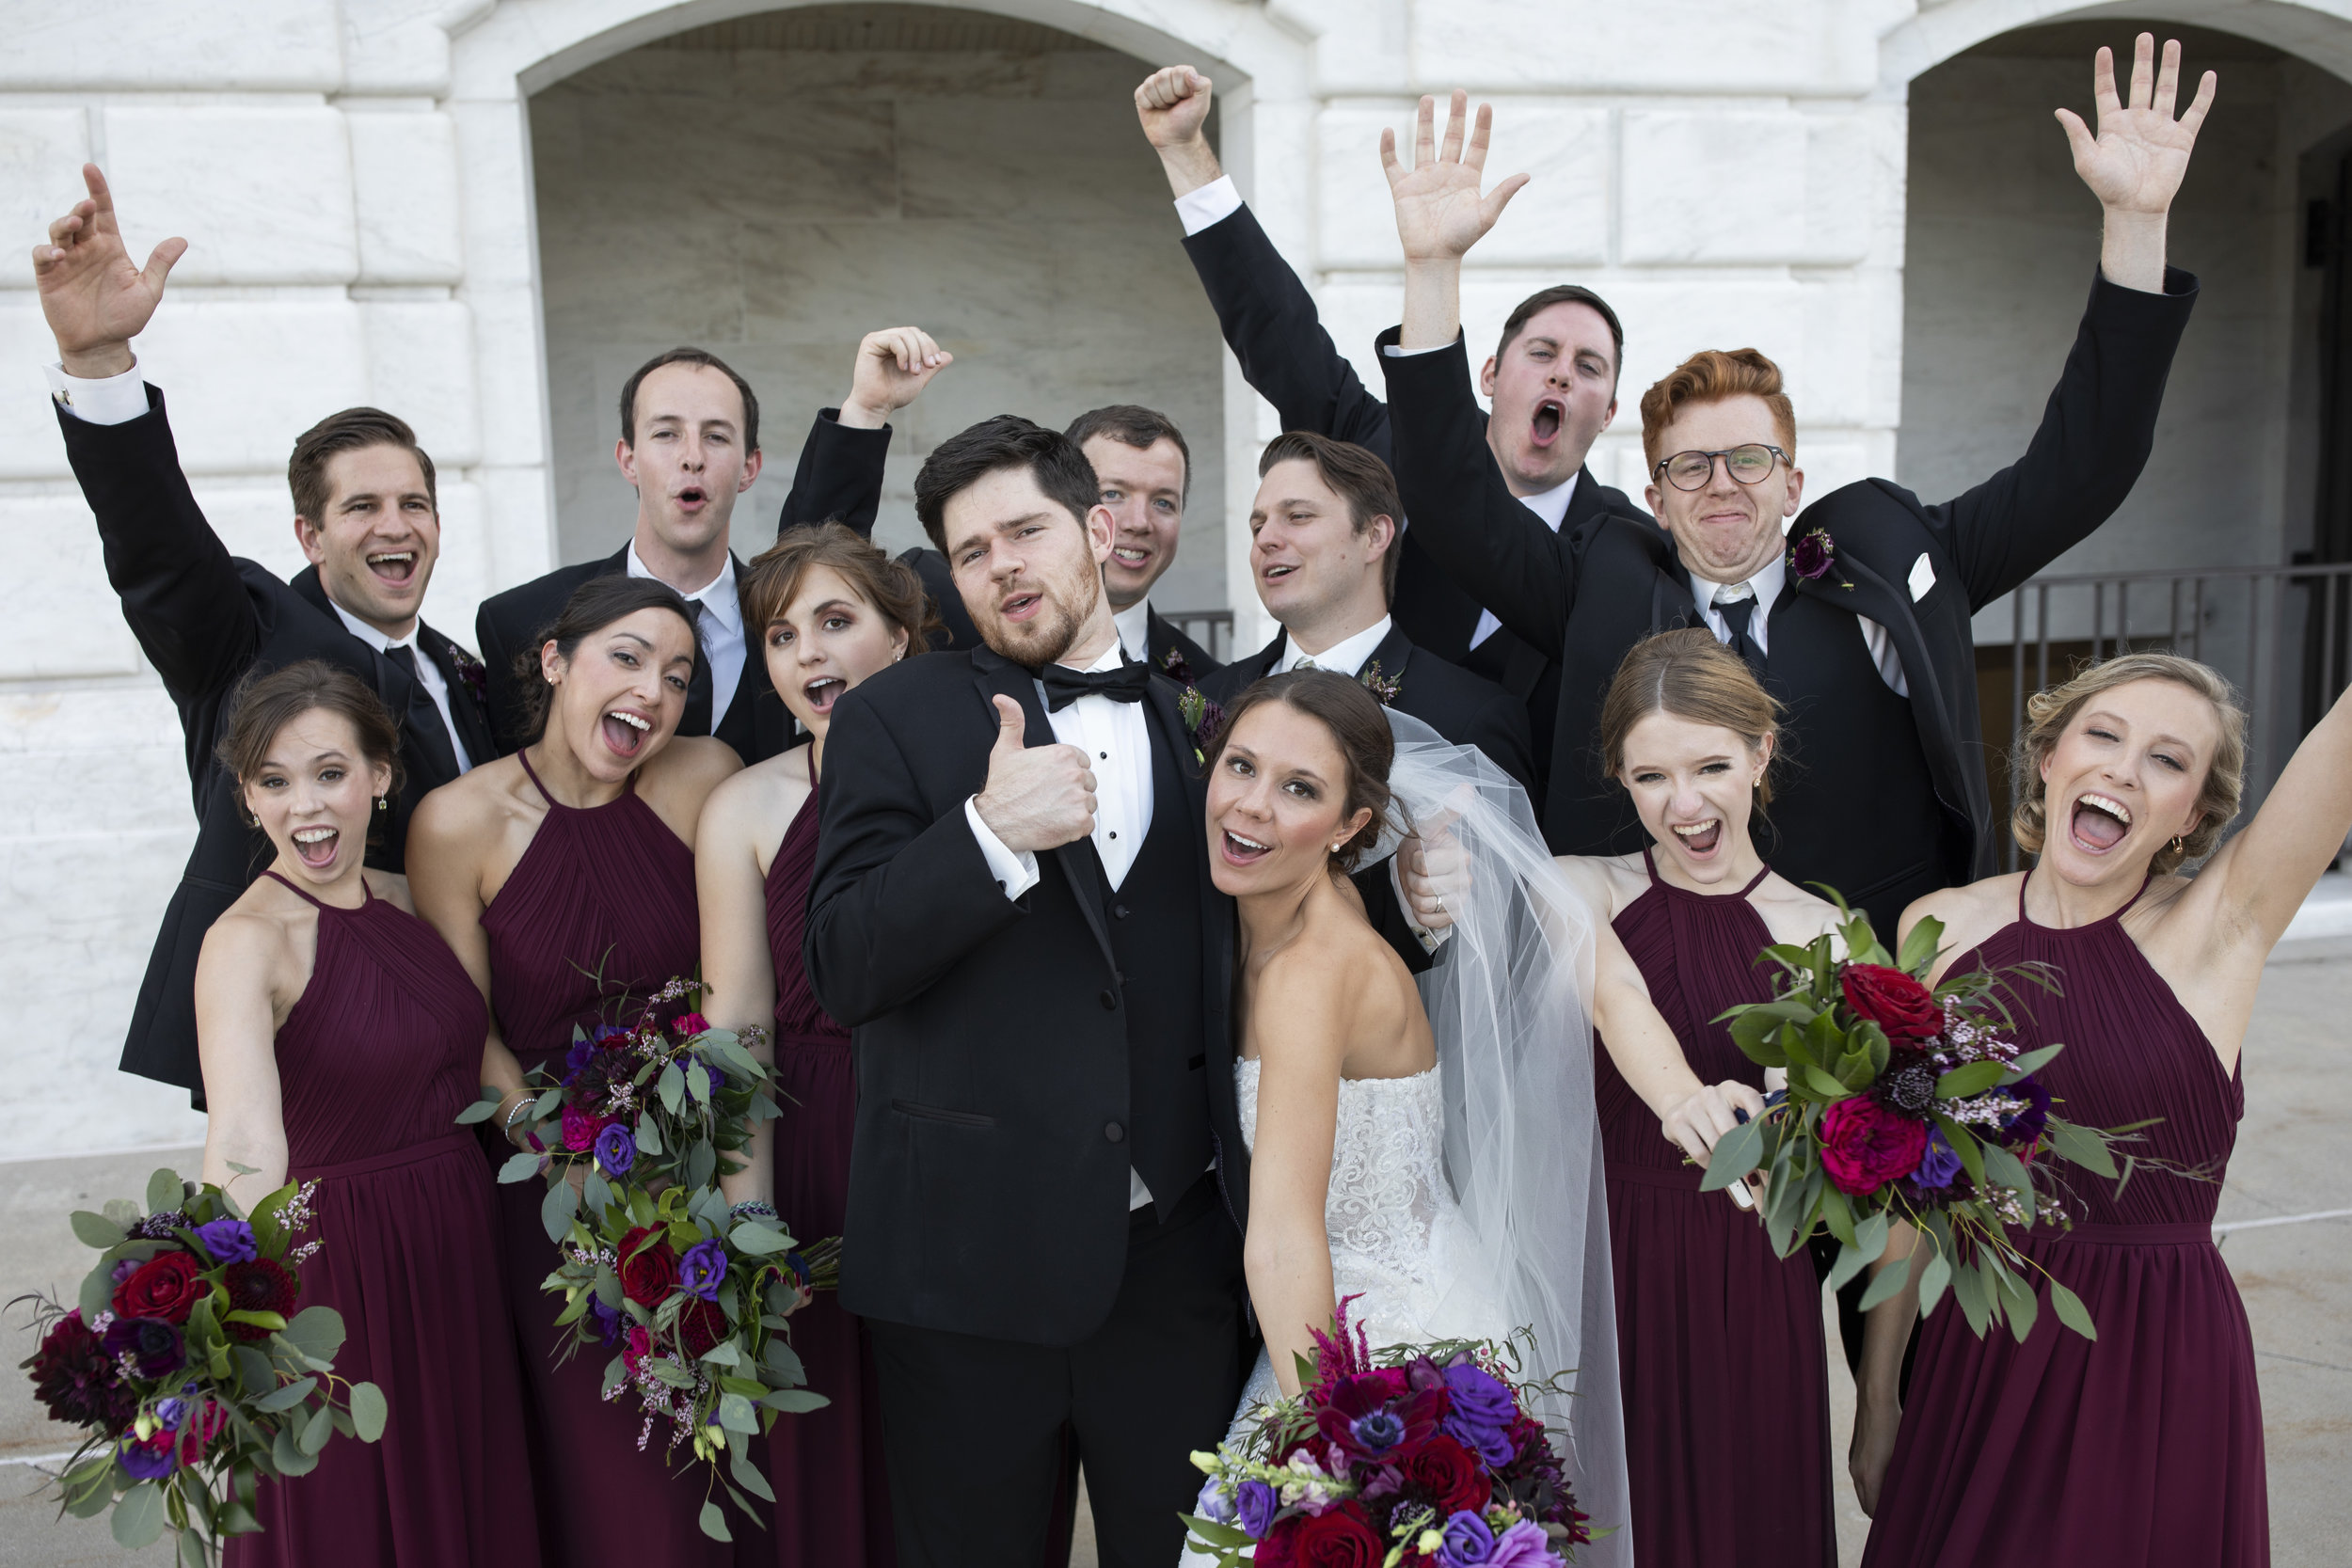 shareyah_John_detroit_wedding_preview_037.JPG